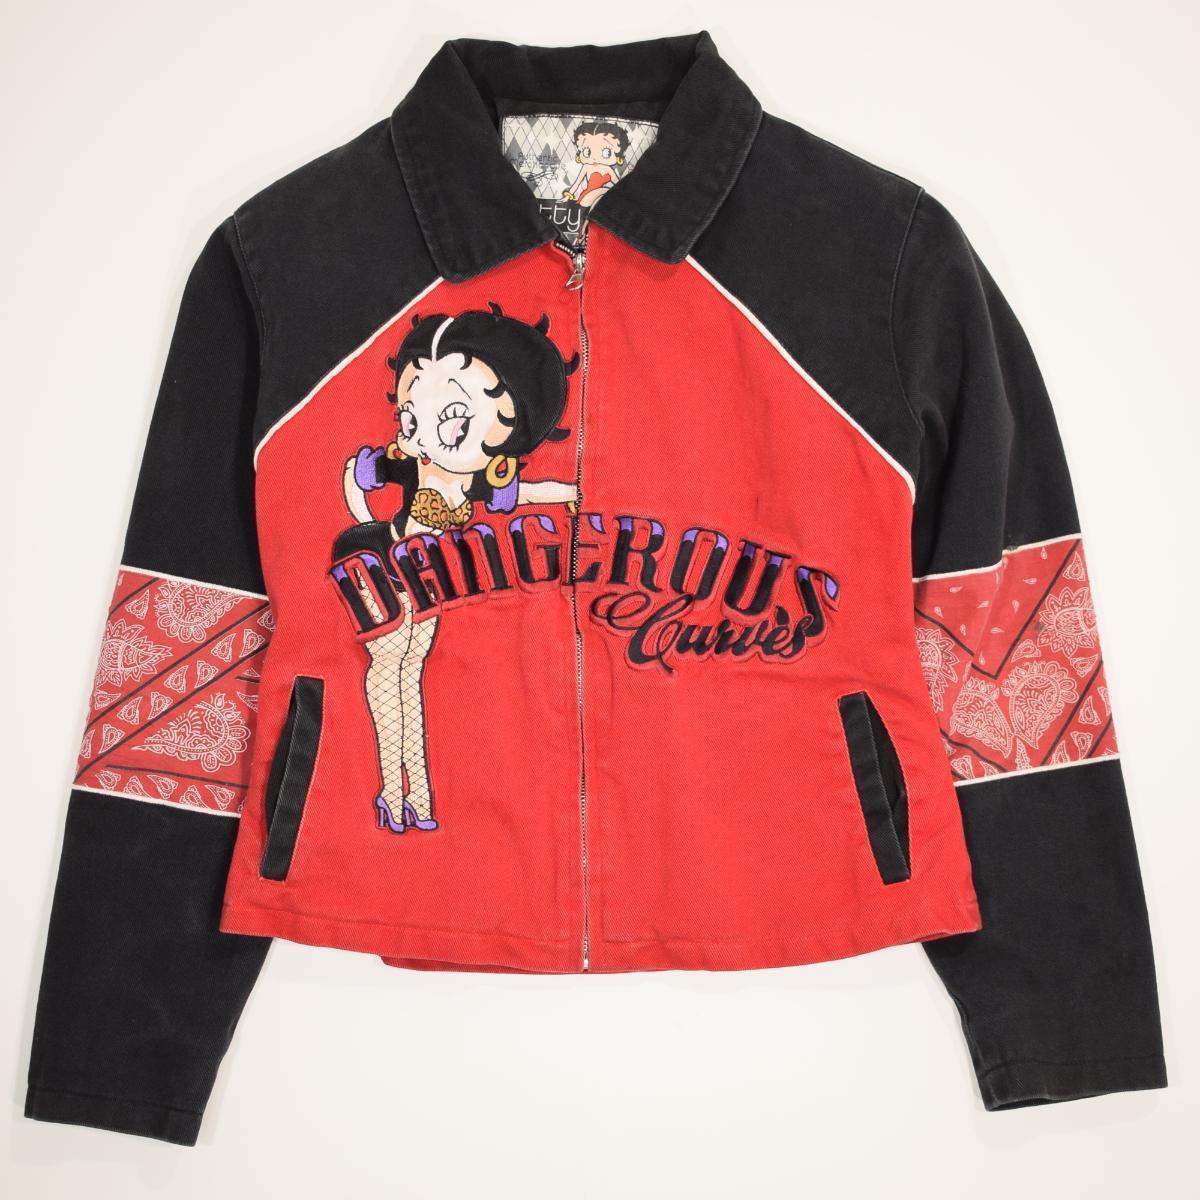 ベティブープ Betty Boop 刺繍 フルジップ コットンジャケット レディースS /wba0603 【中古】 【190113】